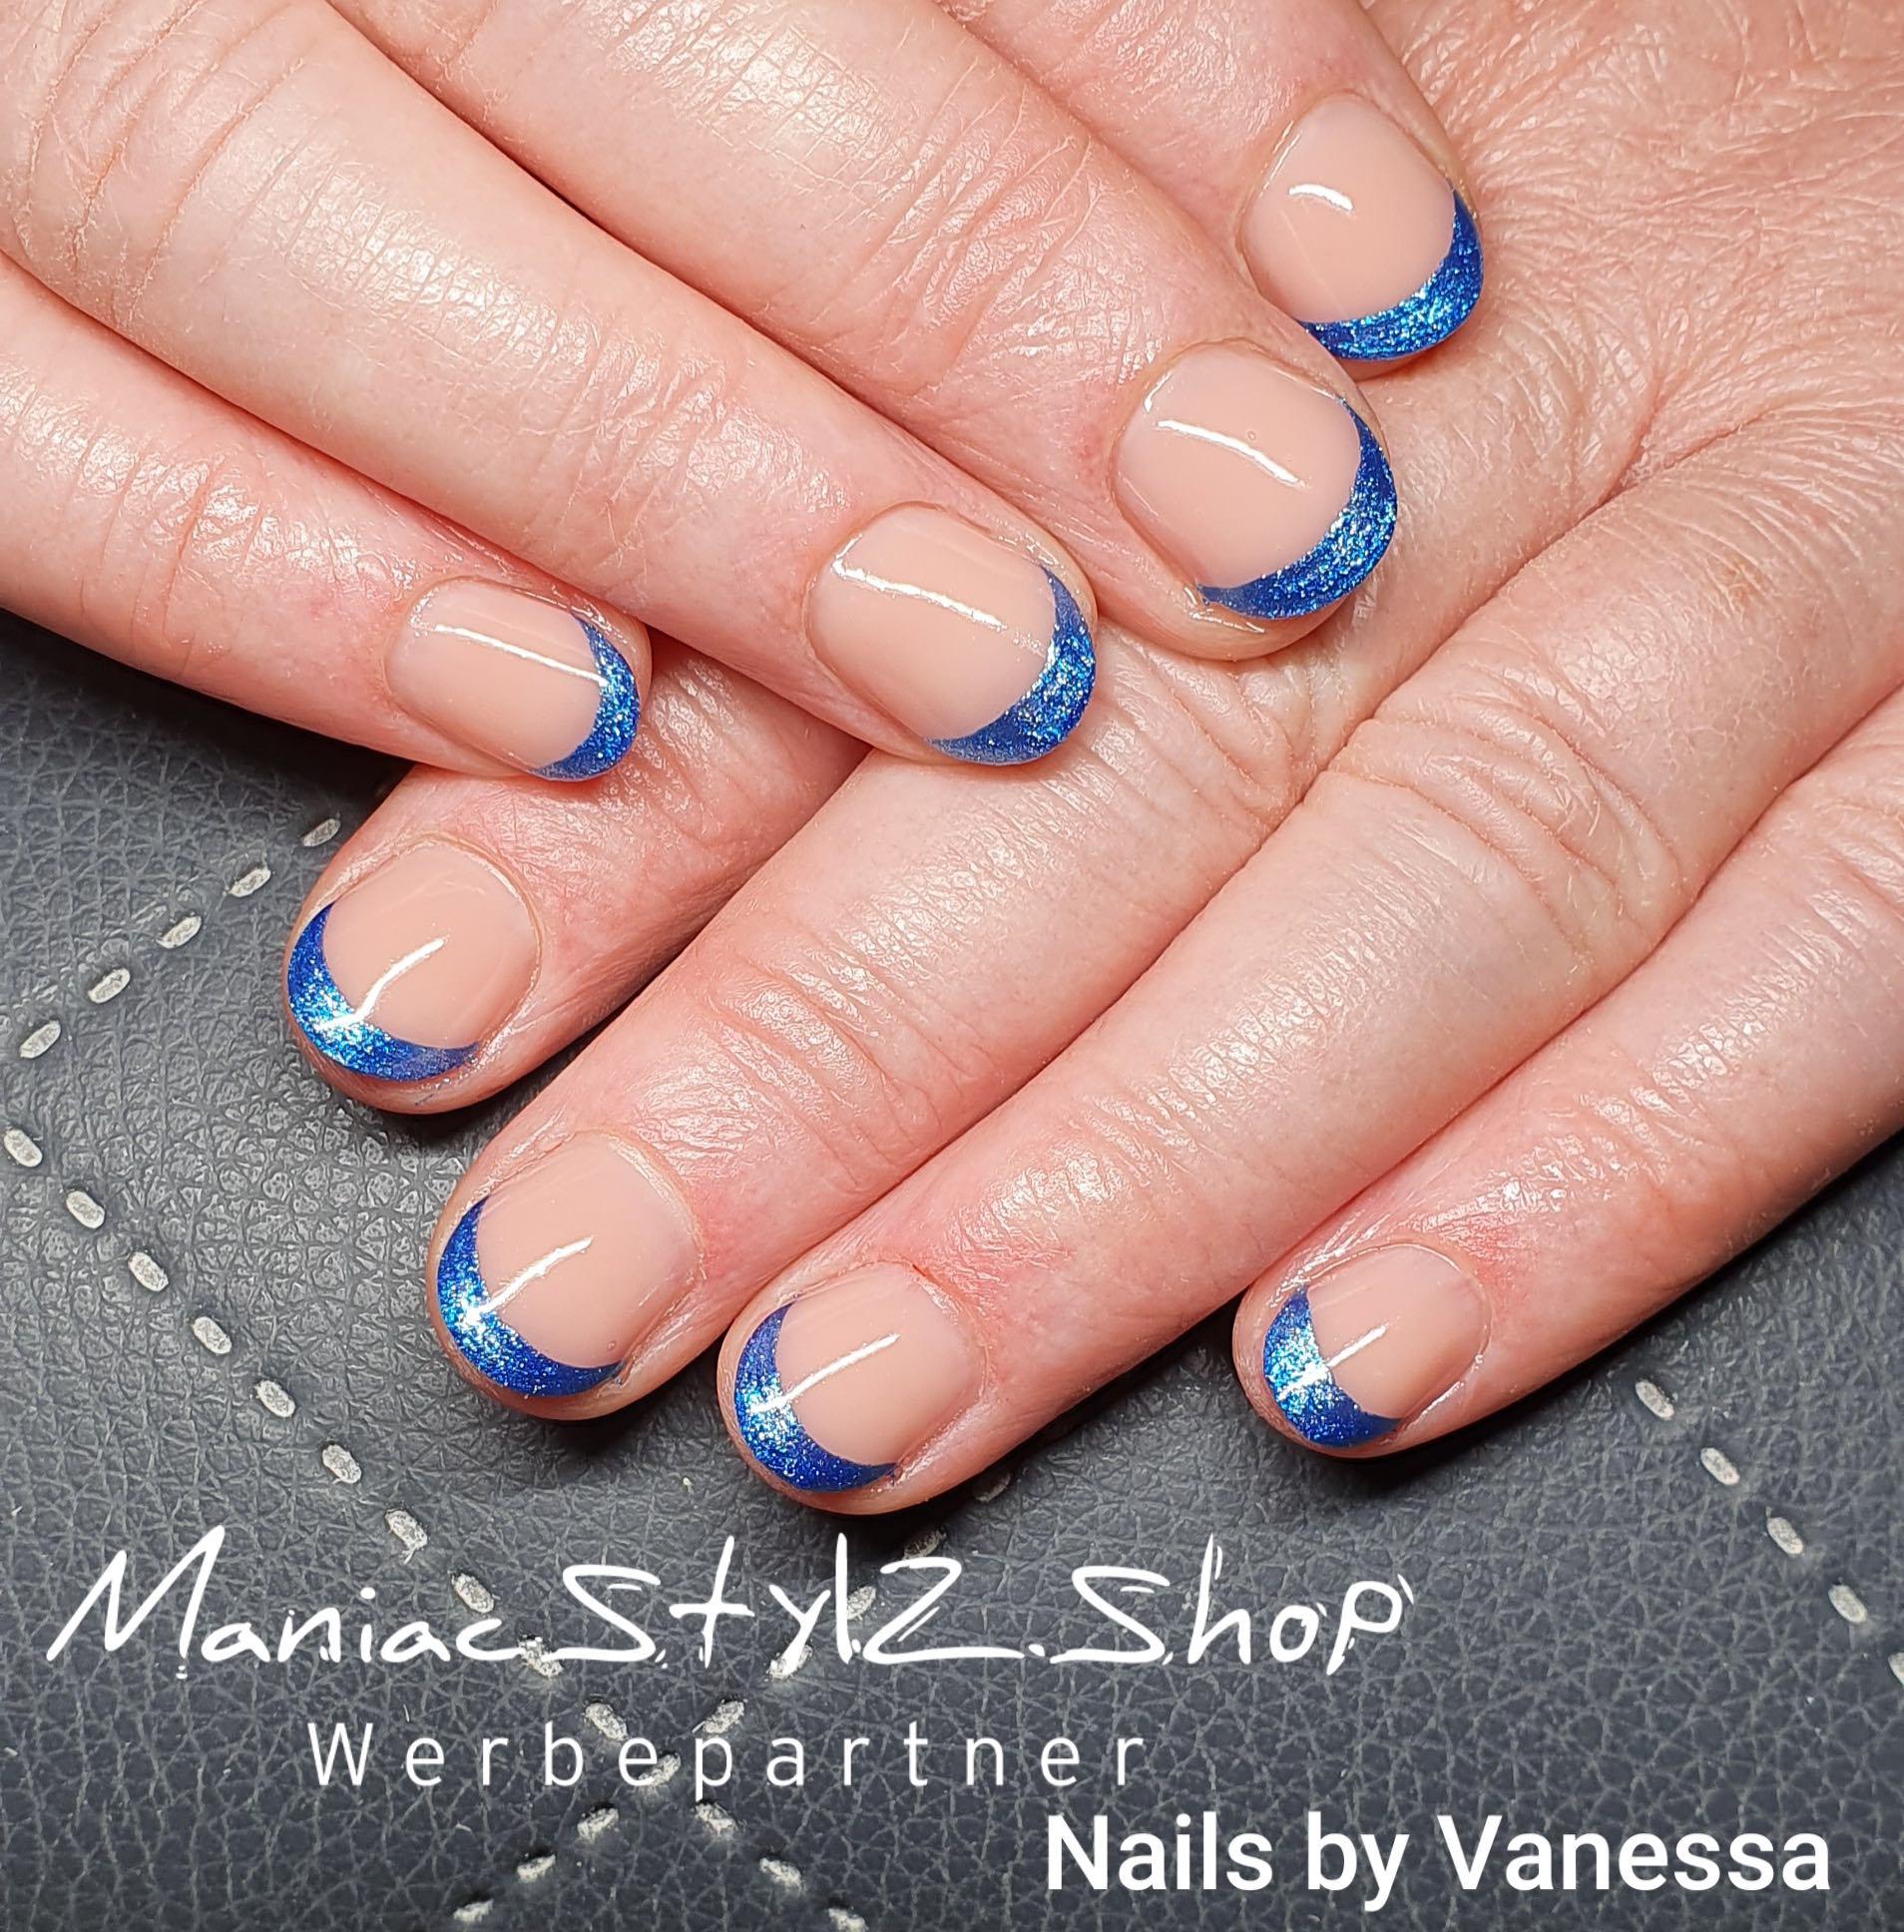 nagel design - maniac stylz 2